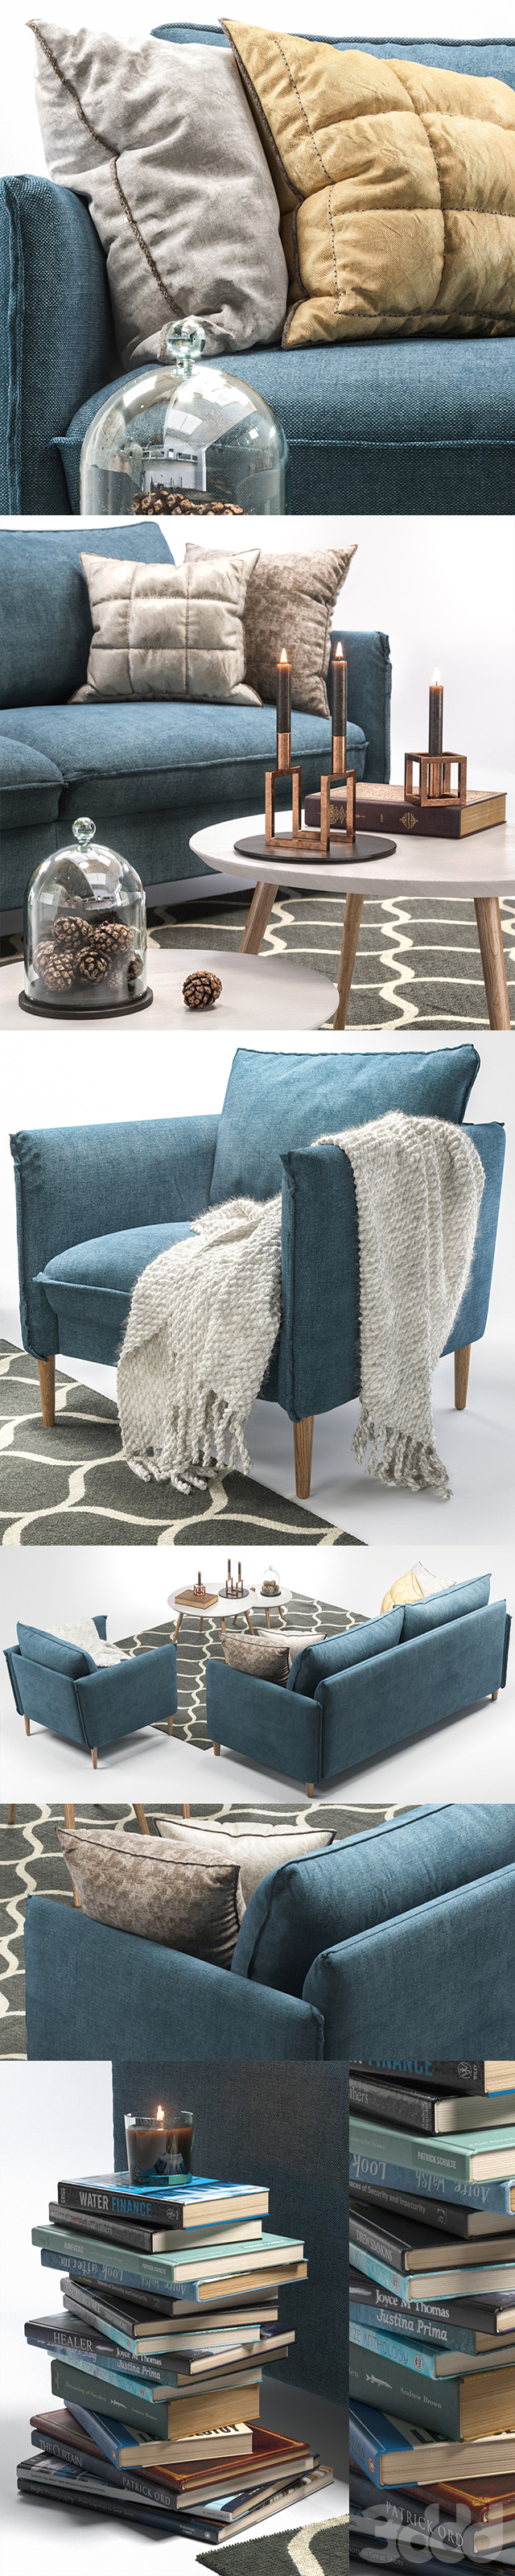 Диван и кресло Chic